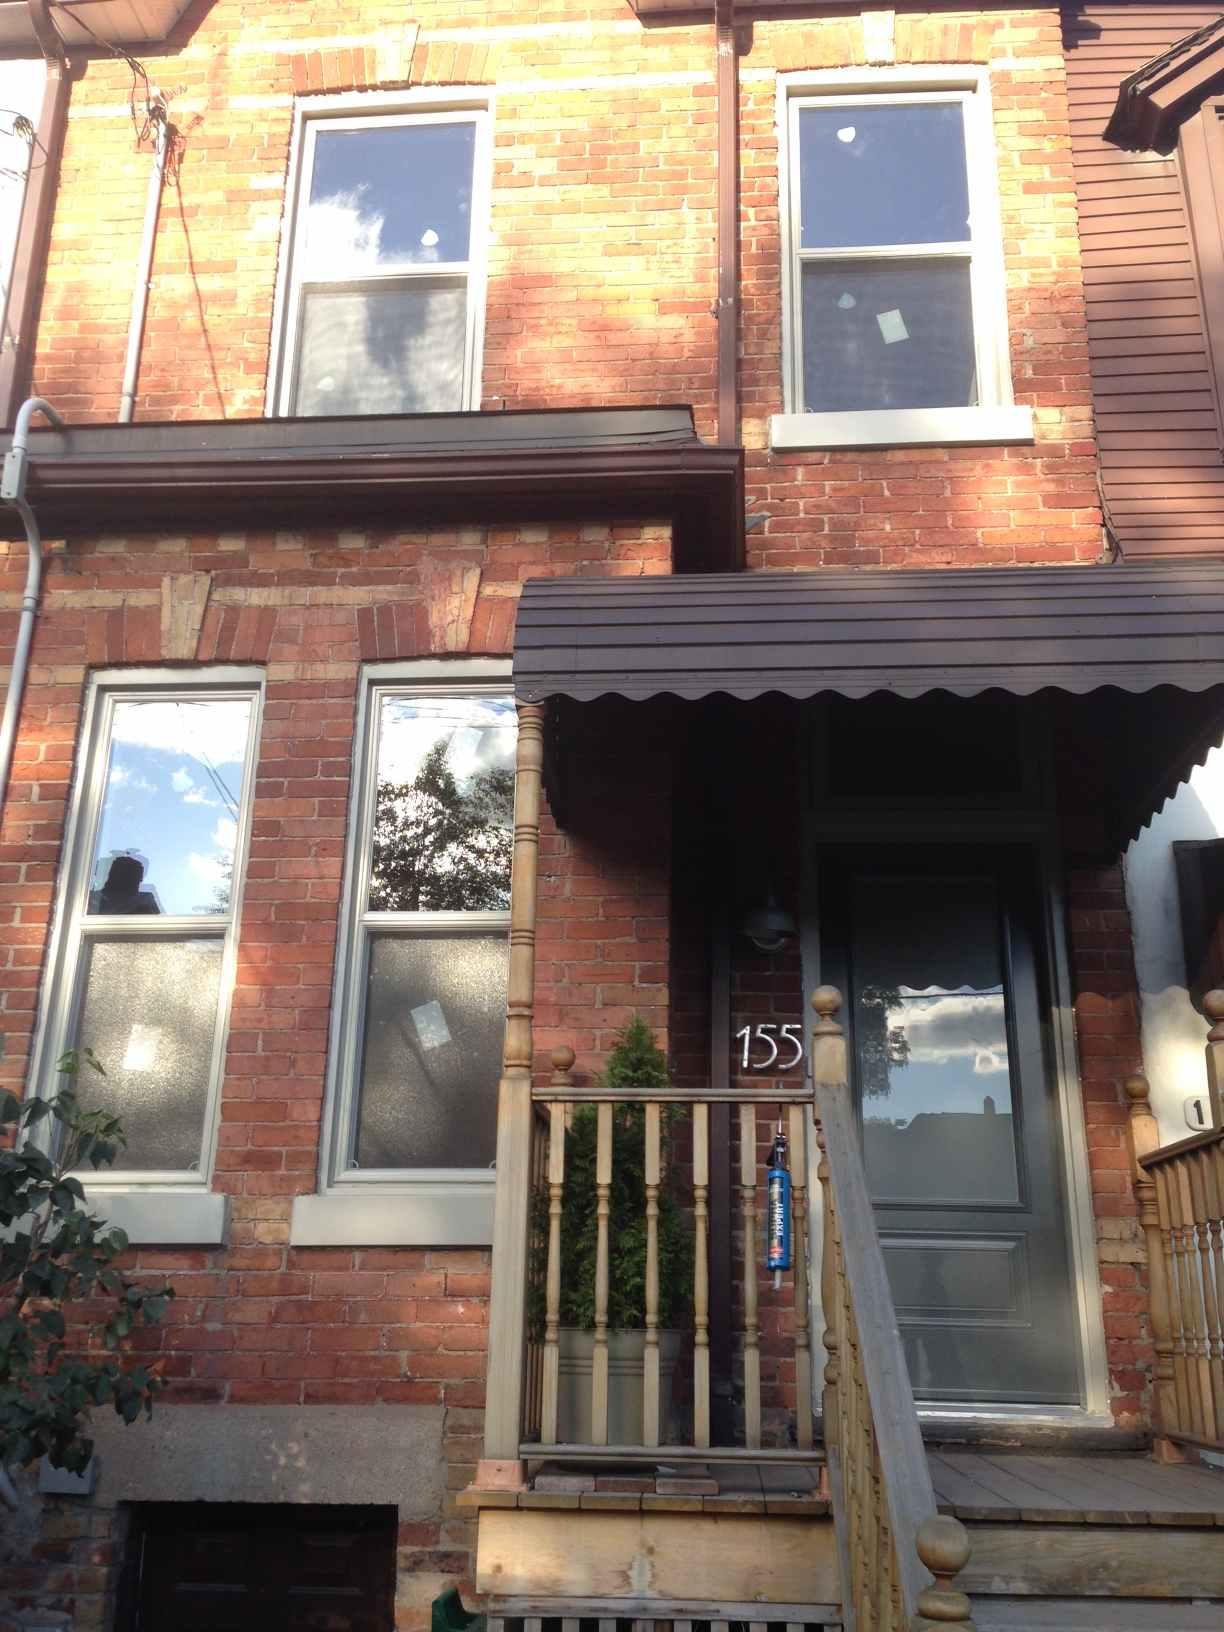 Toronto Doors & Windows | Vinyl Window Replacement, Entry Doors, Exterior Doors & more